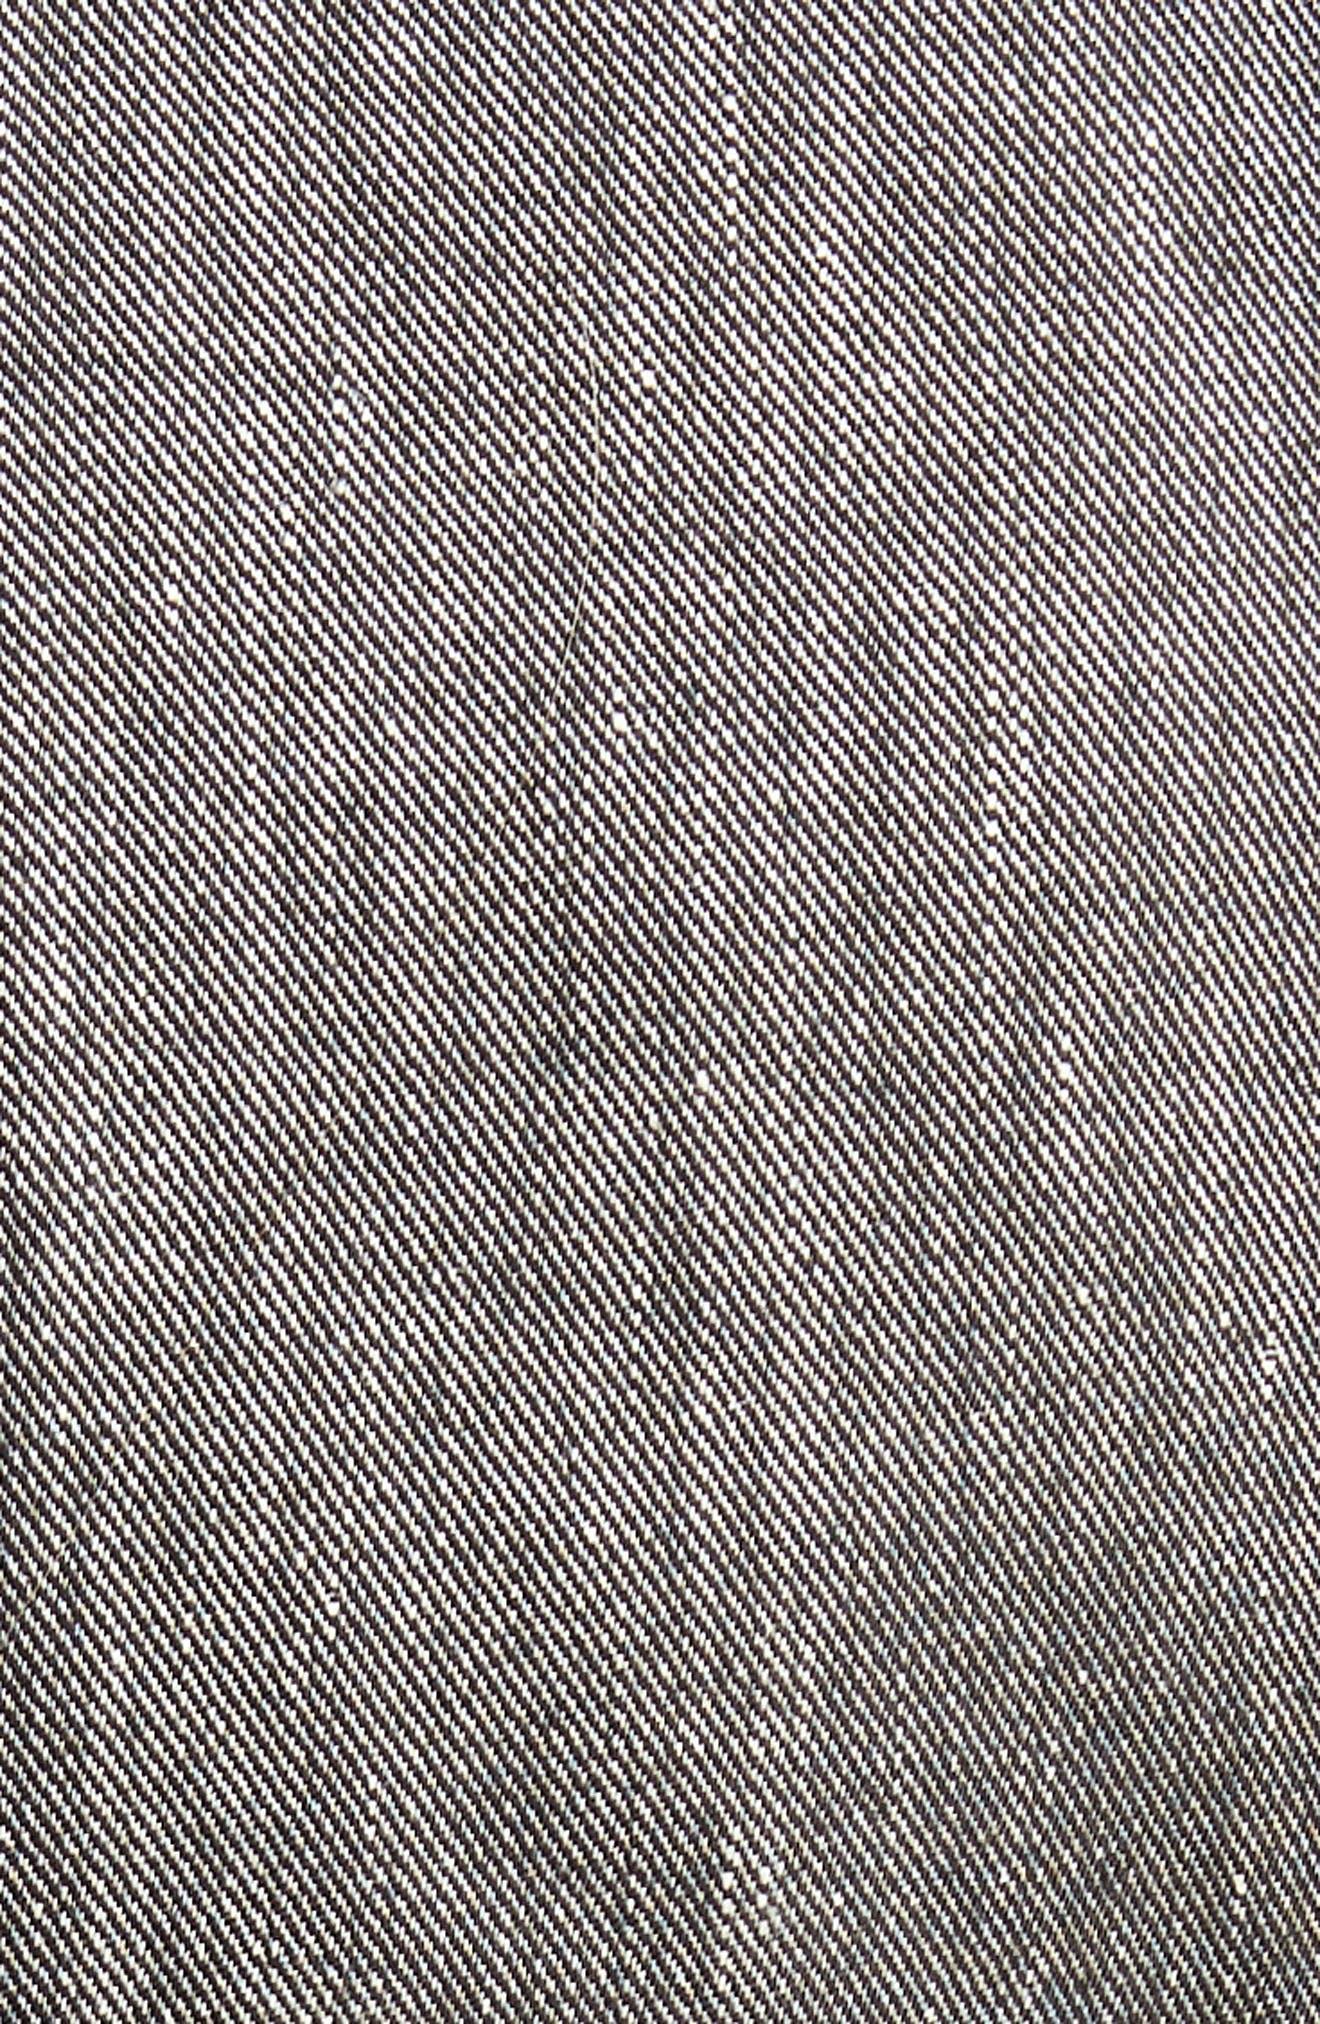 Linen Blend One-Button Suit Jacket,                             Alternate thumbnail 6, color,                             001